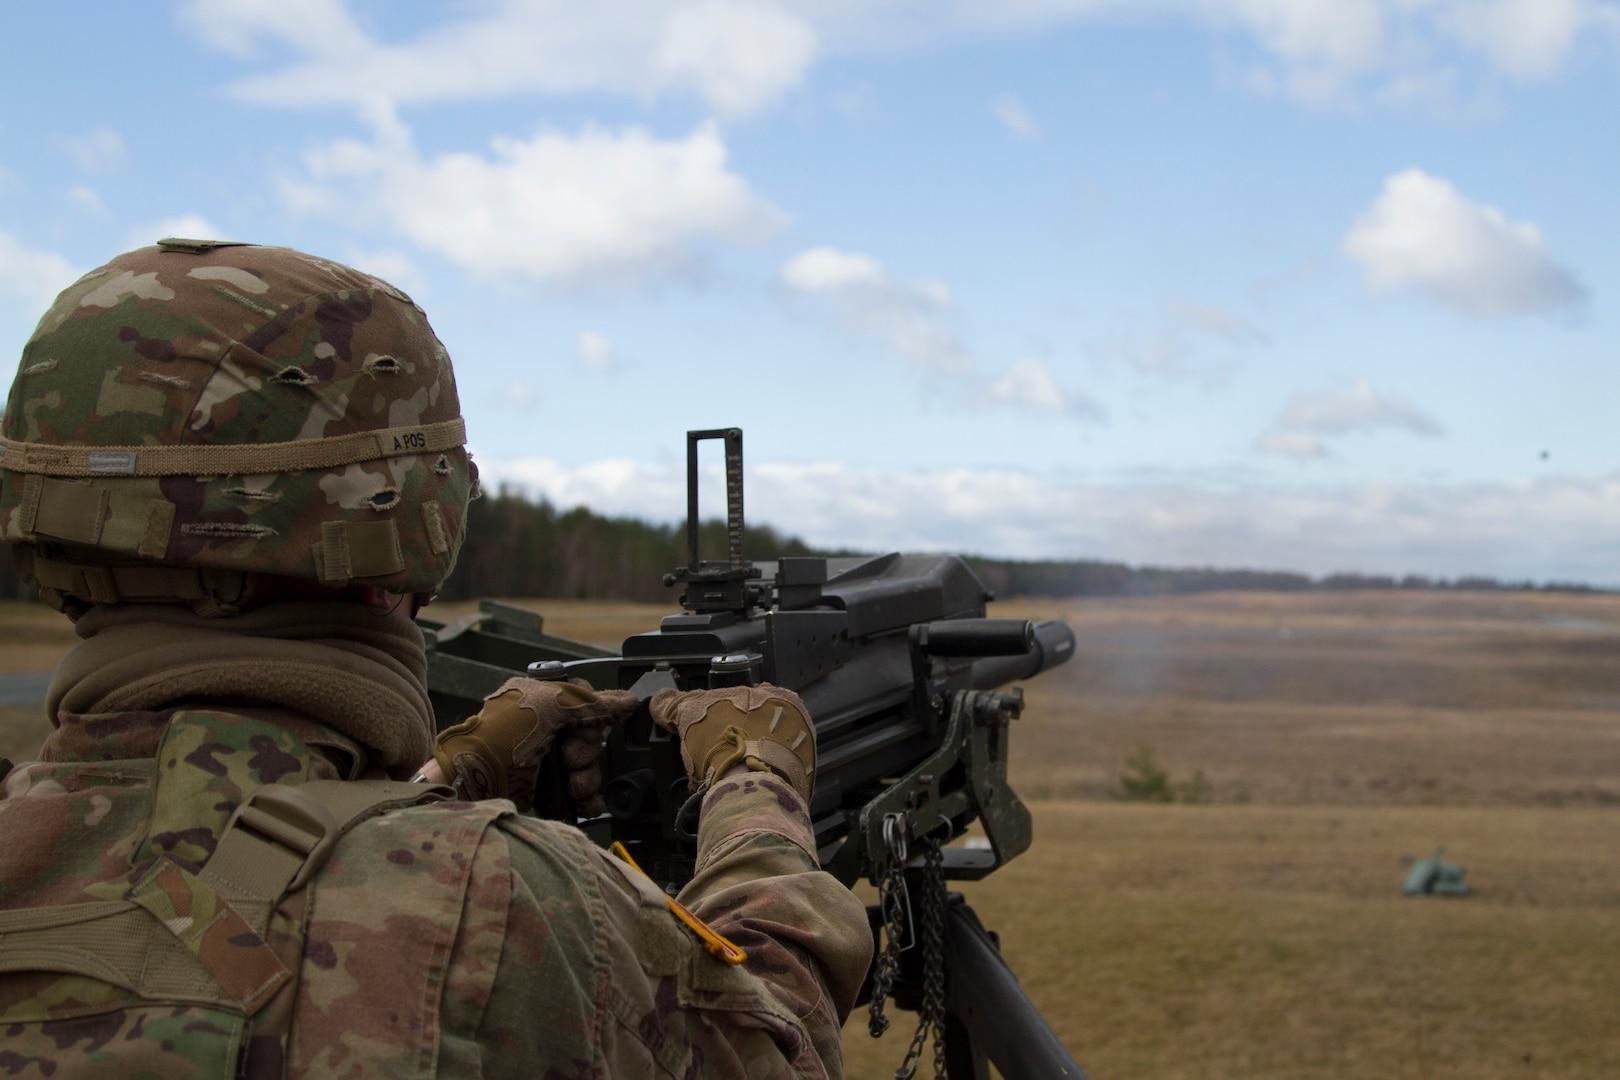 Soldier launches grenade down range with MK-19mm grenade machine gun